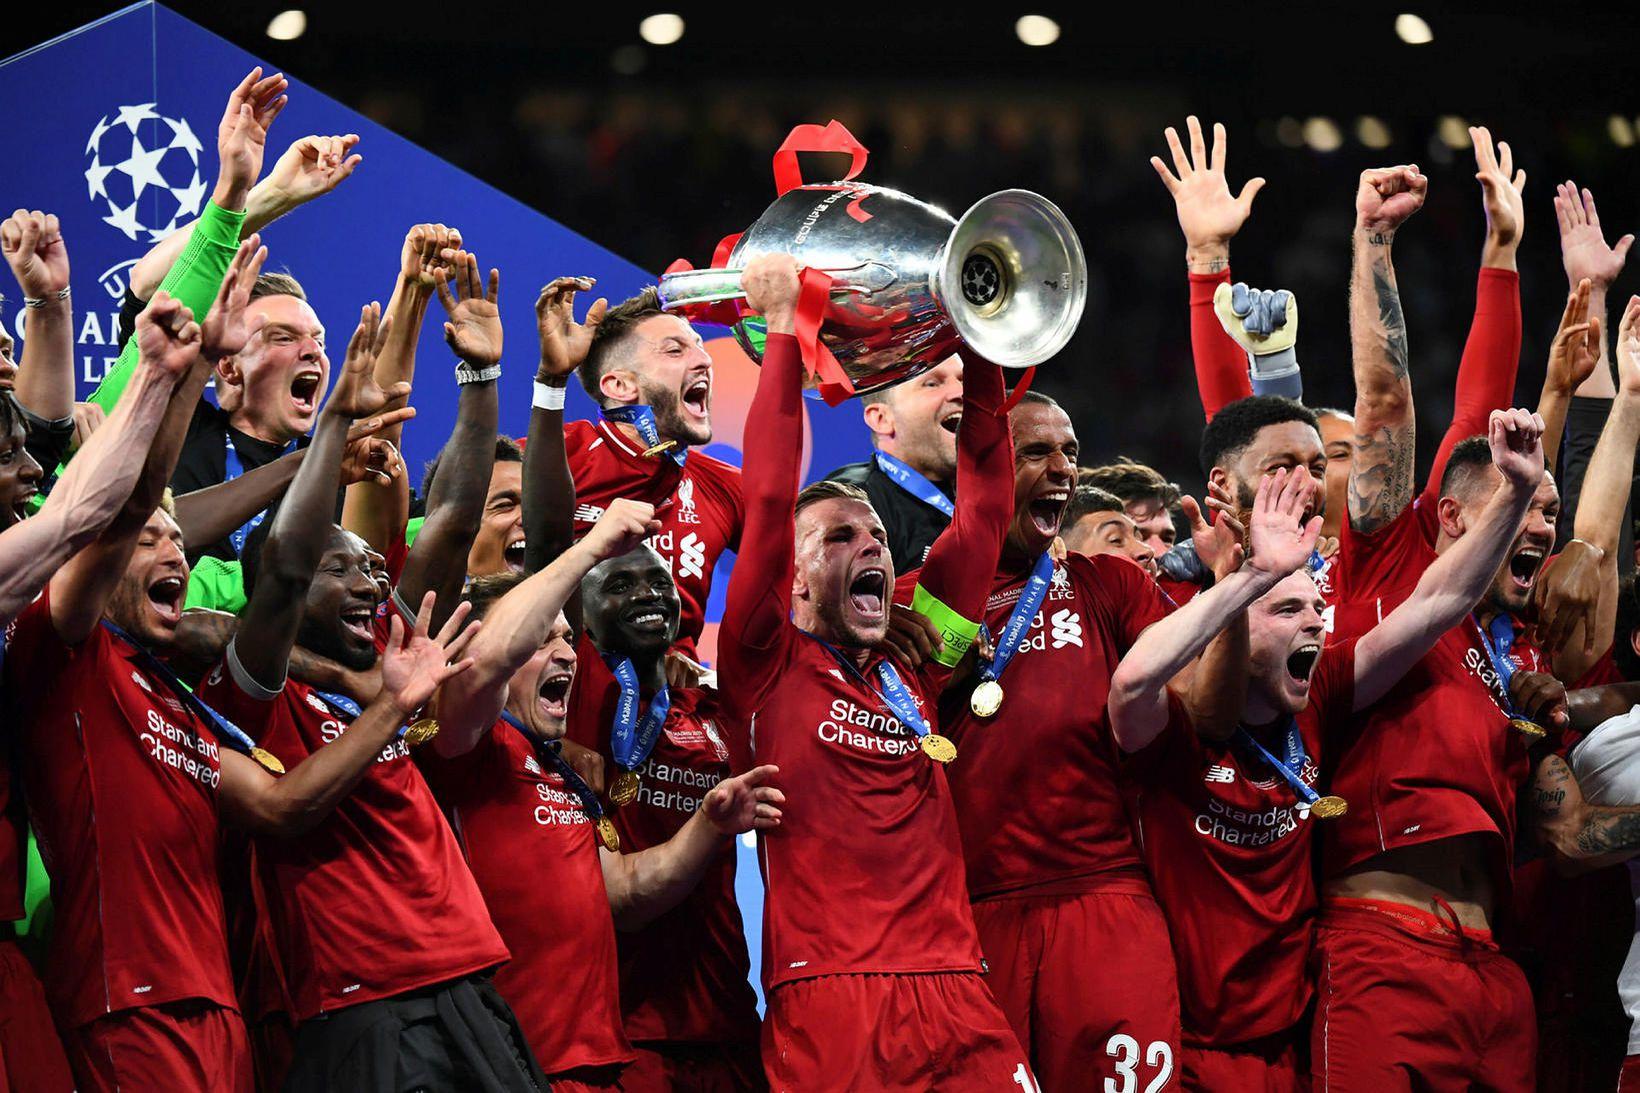 Englandsmeistarar Liverpool fögnuðu sigri í Meistaradeildinni árið 2019.